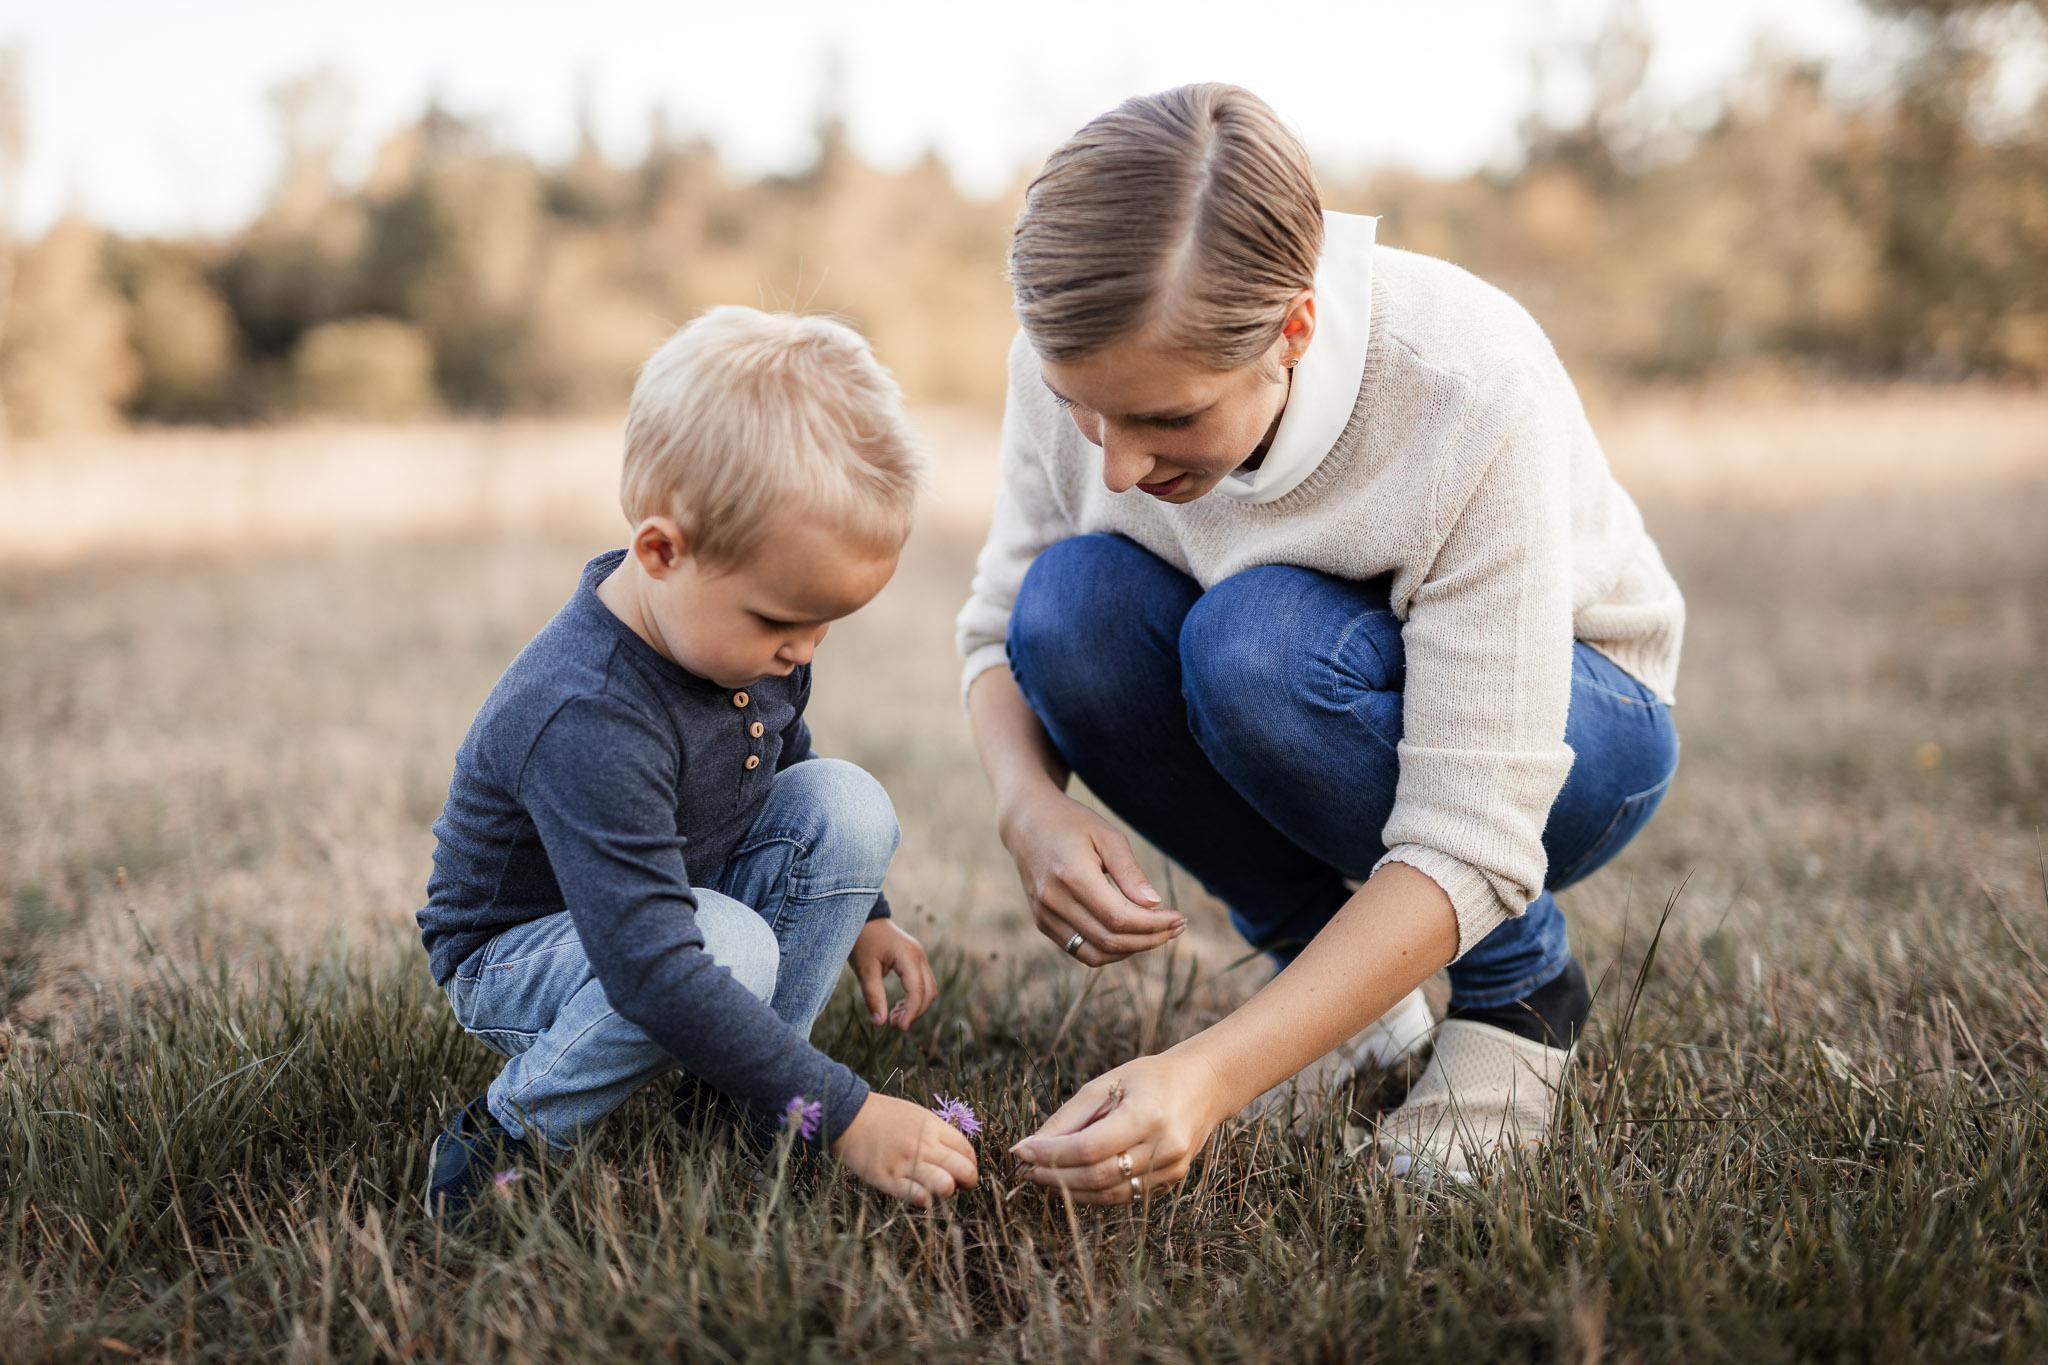 Familienfotos in Ober-Olm: Herbstbilder in der Natur 6